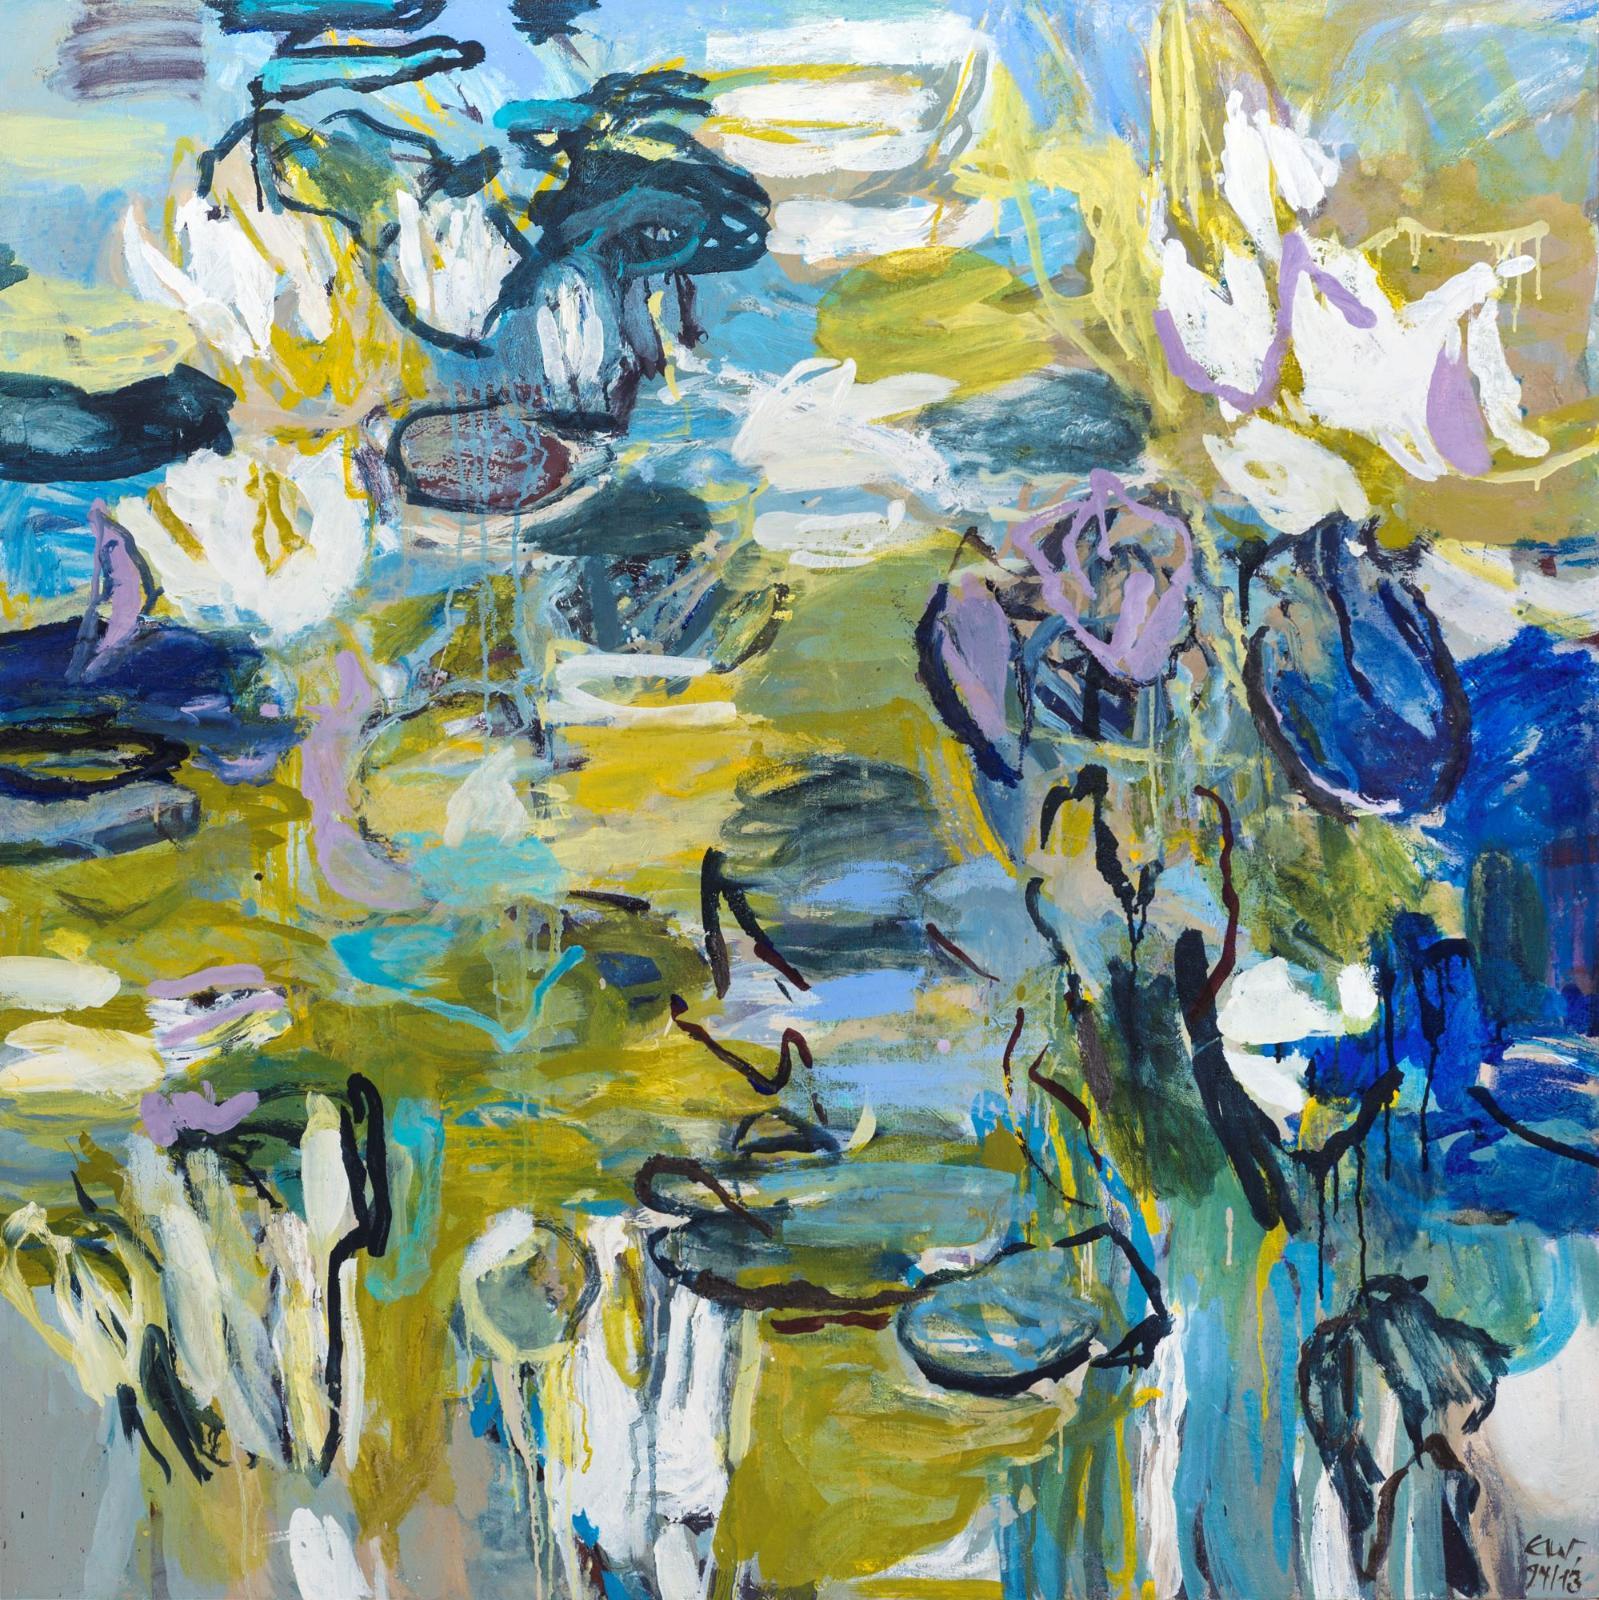 Elke Wree, Seerosenteich II, 2013, Öl auf Leinwand, 120 cm x 120 cm